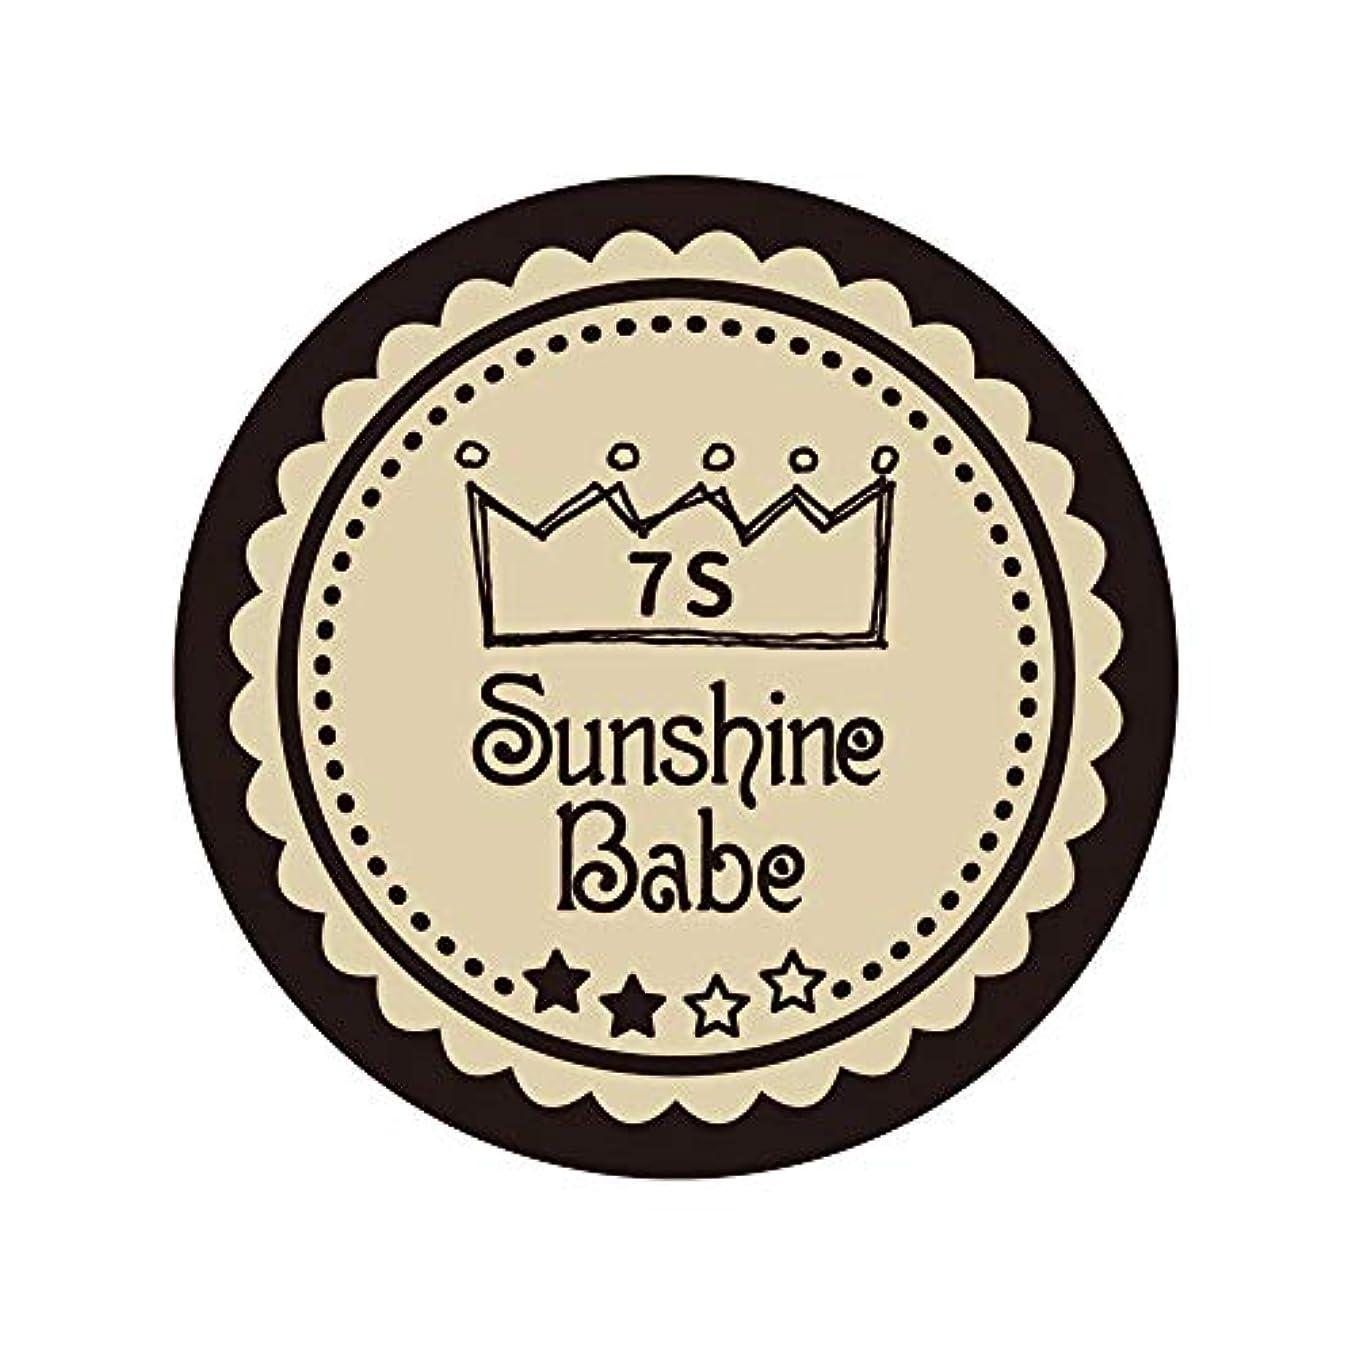 東ティモールありふれた熟したSunshine Babe コスメティックカラー 7S ウォームサンド 4g UV/LED対応